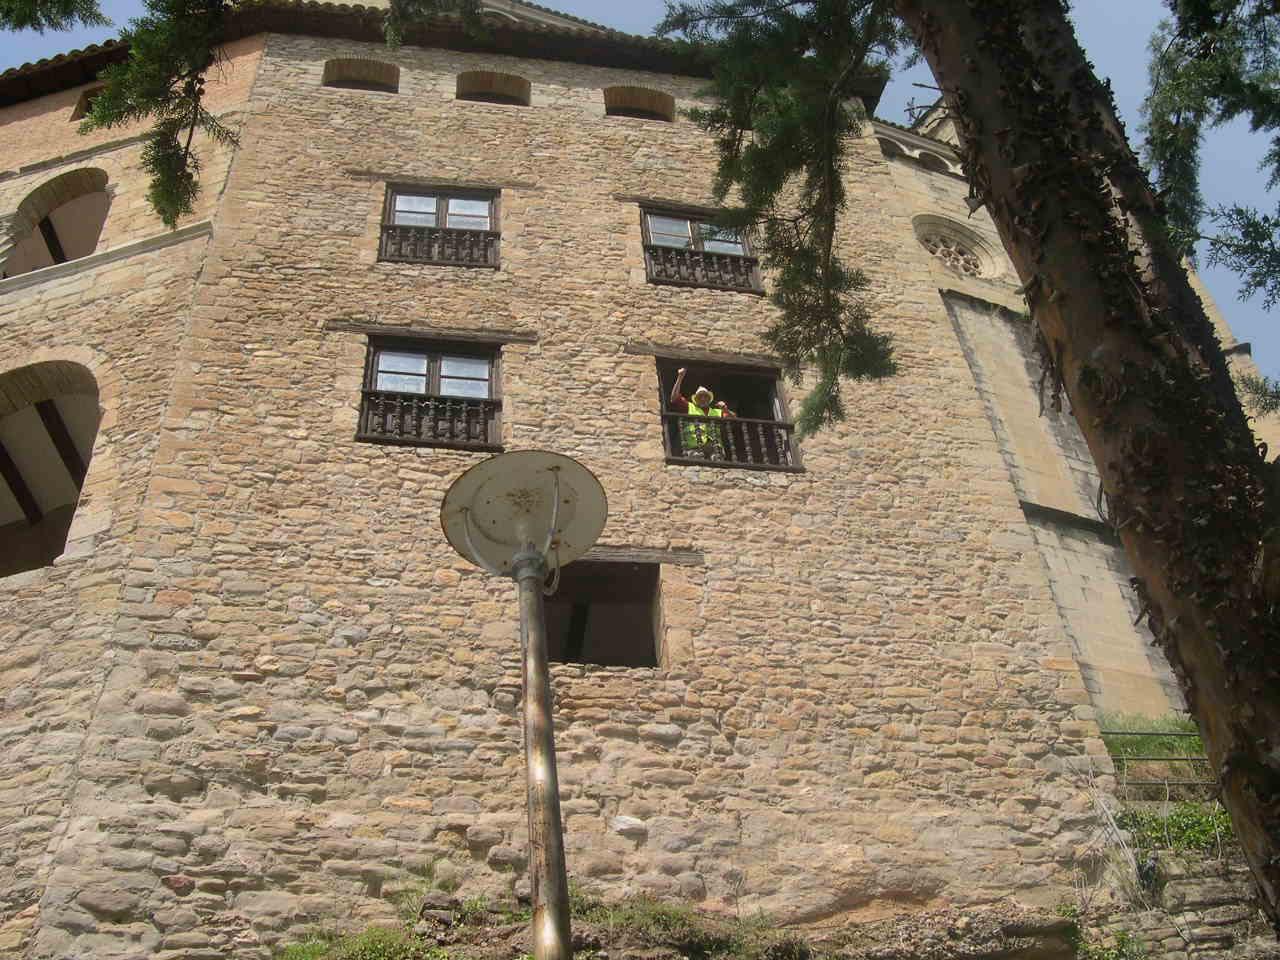 Monasterio cercano a Huesca